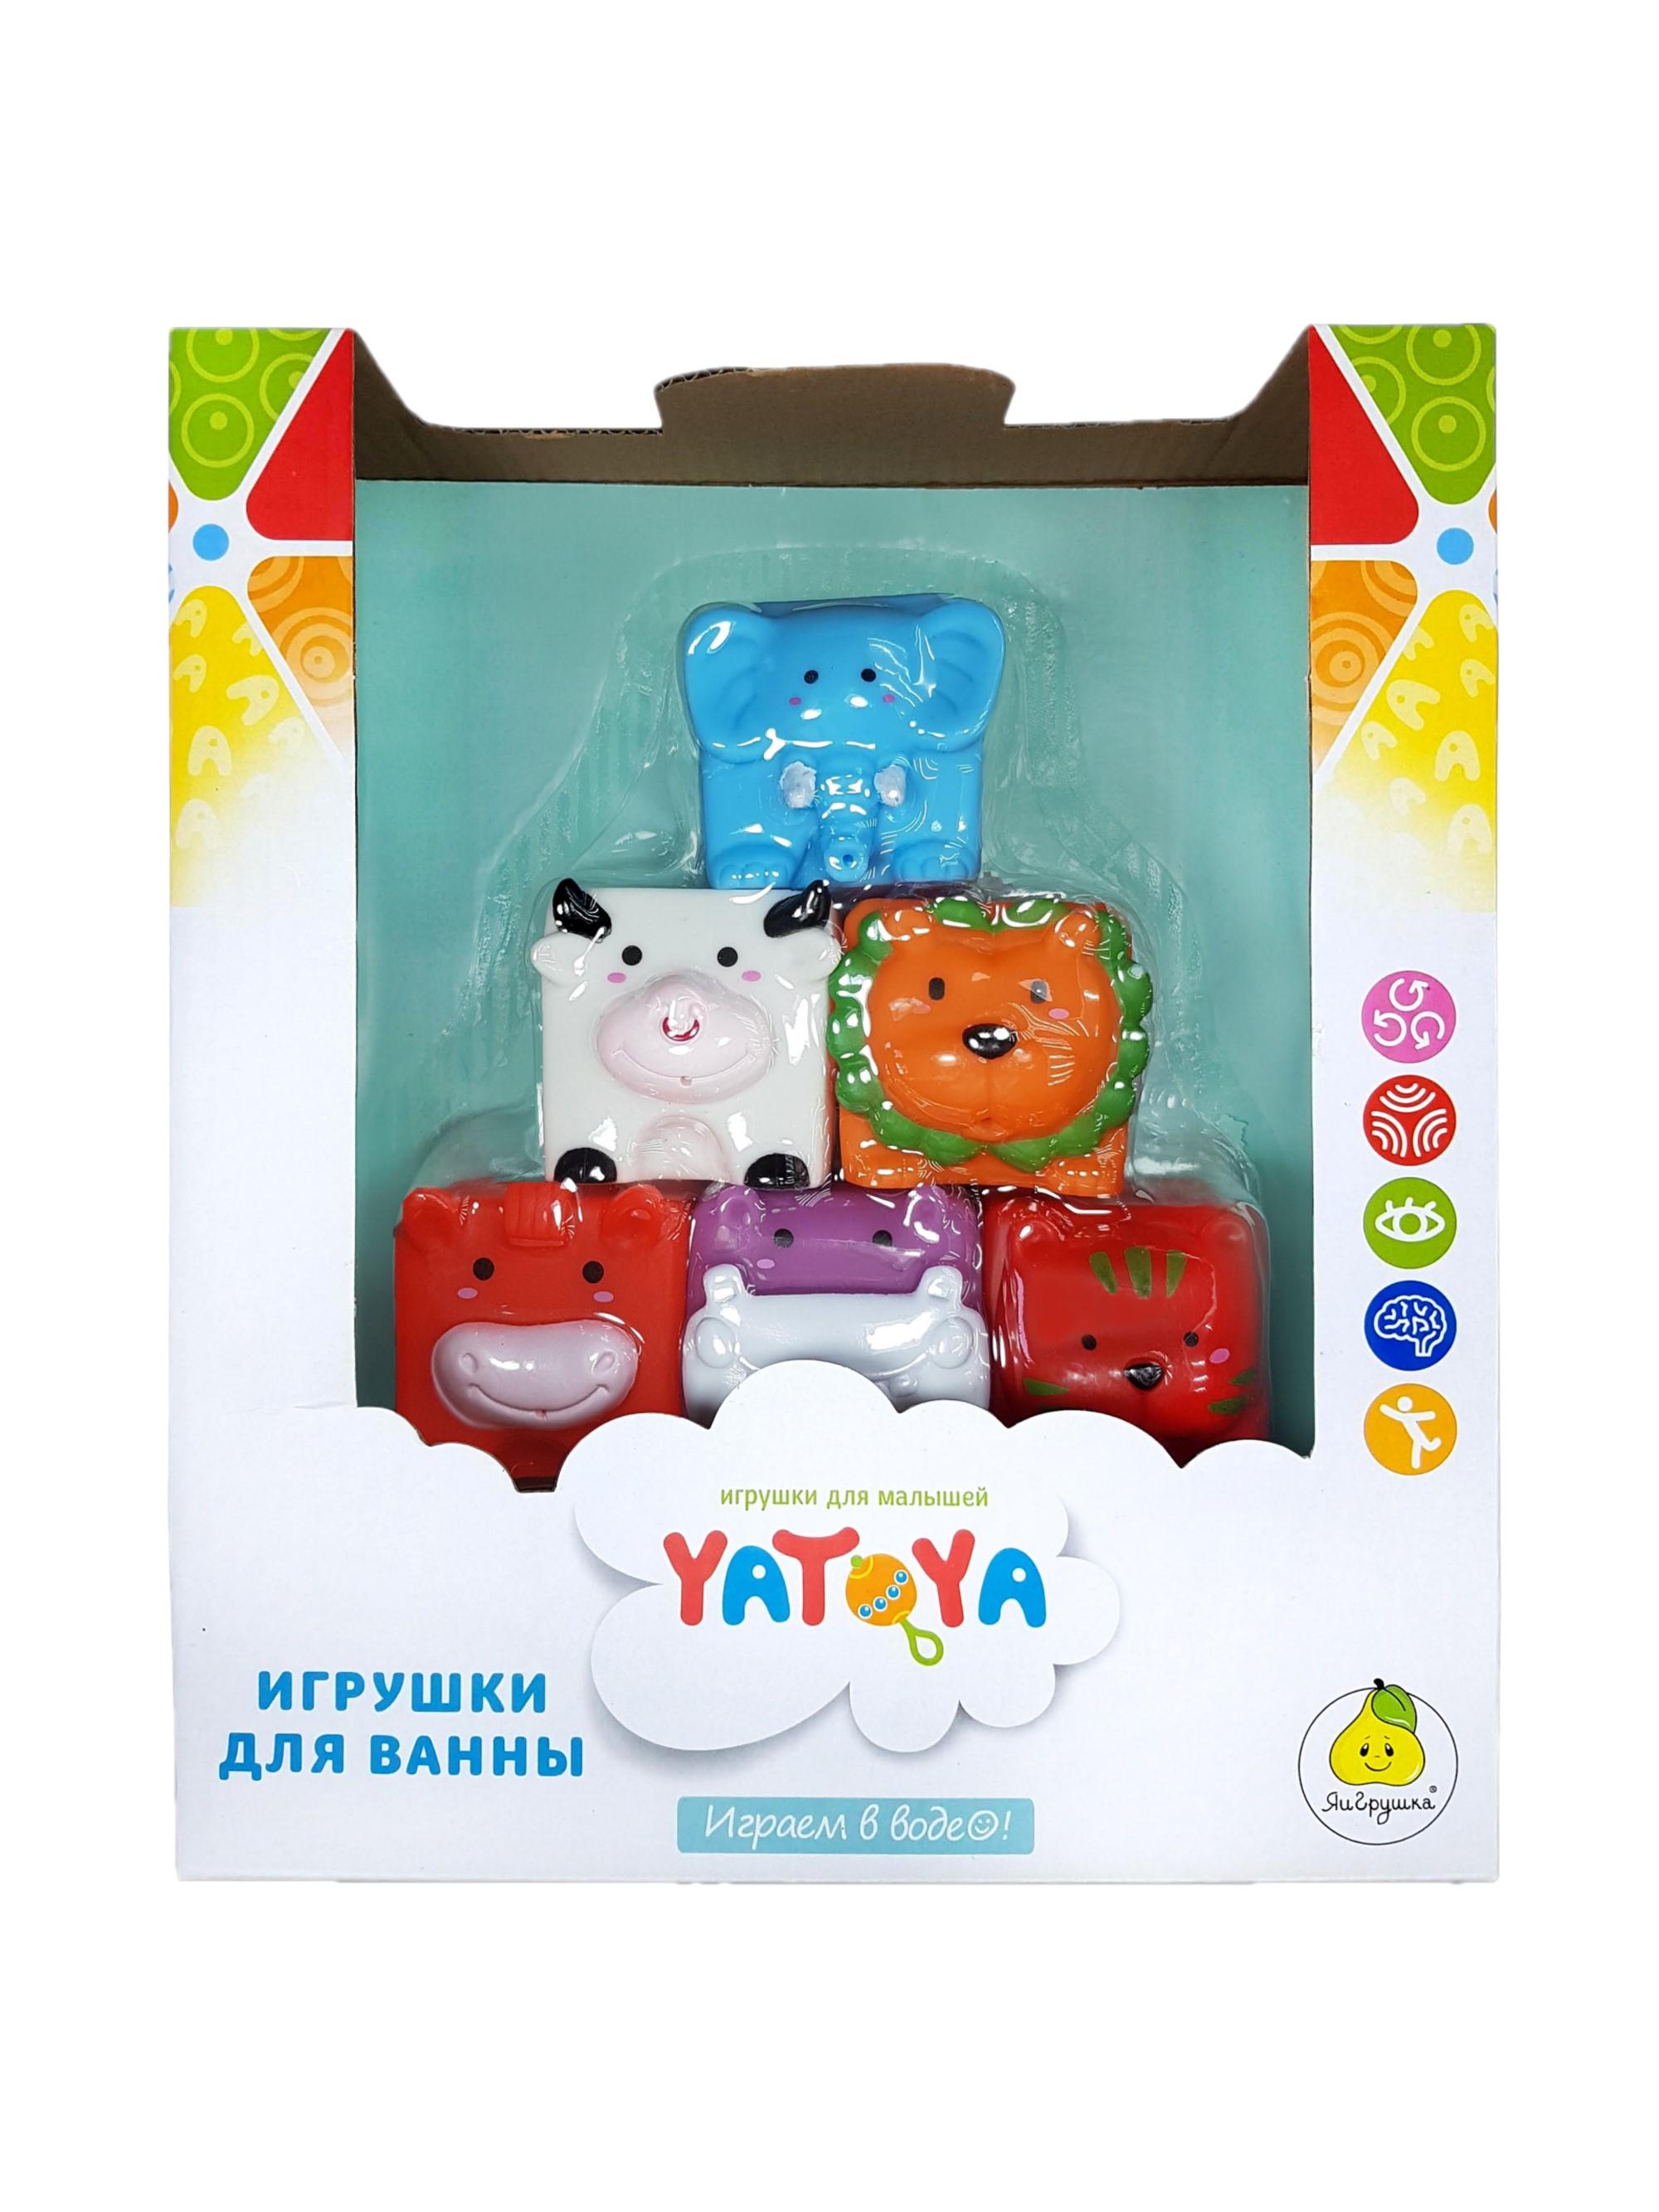 Купить Набор игрушек для ванной Забавные кубики , 6 штук, ЯиГрушка,